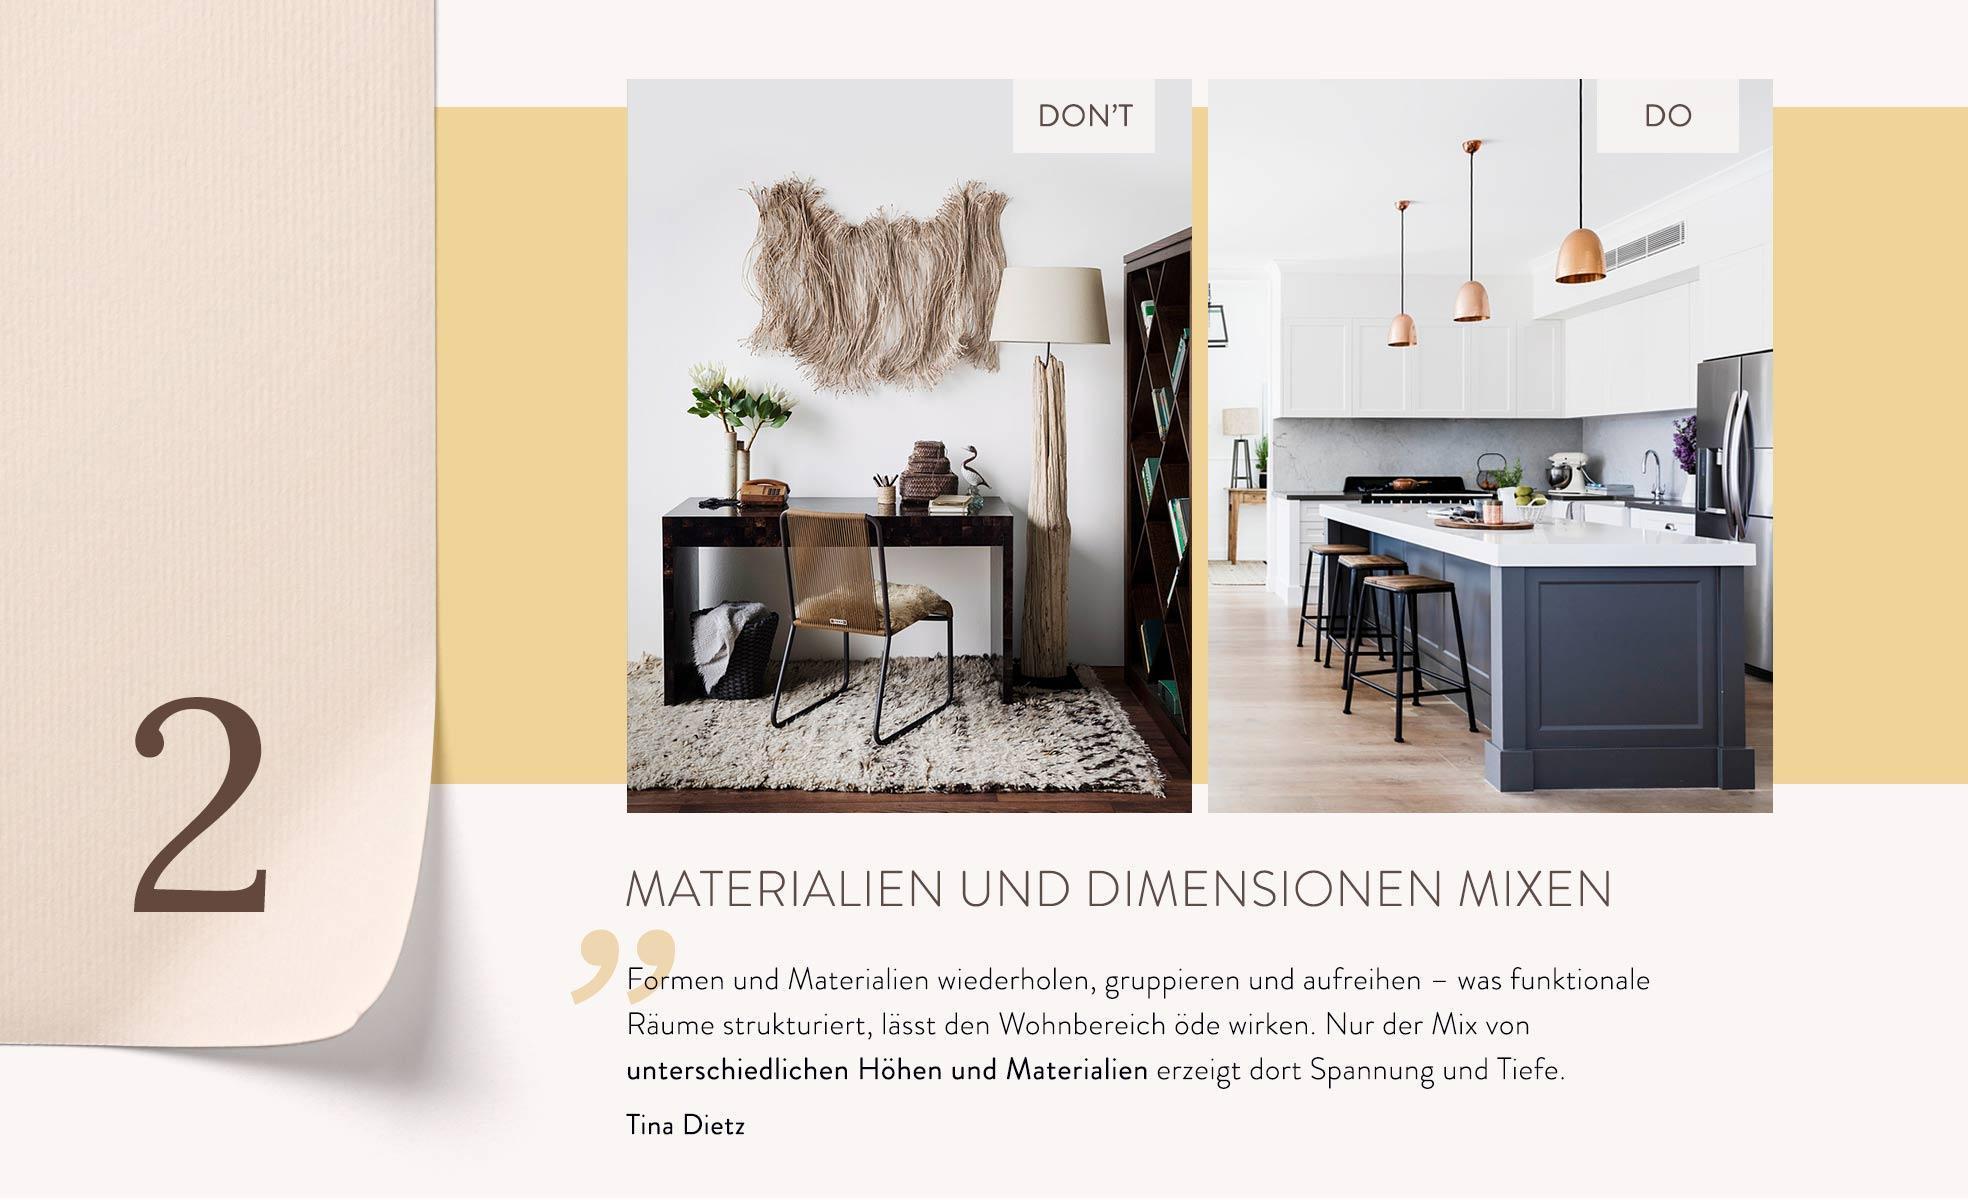 Wohnungseinrichtung Tipp 2 Mix von Material und Dimension